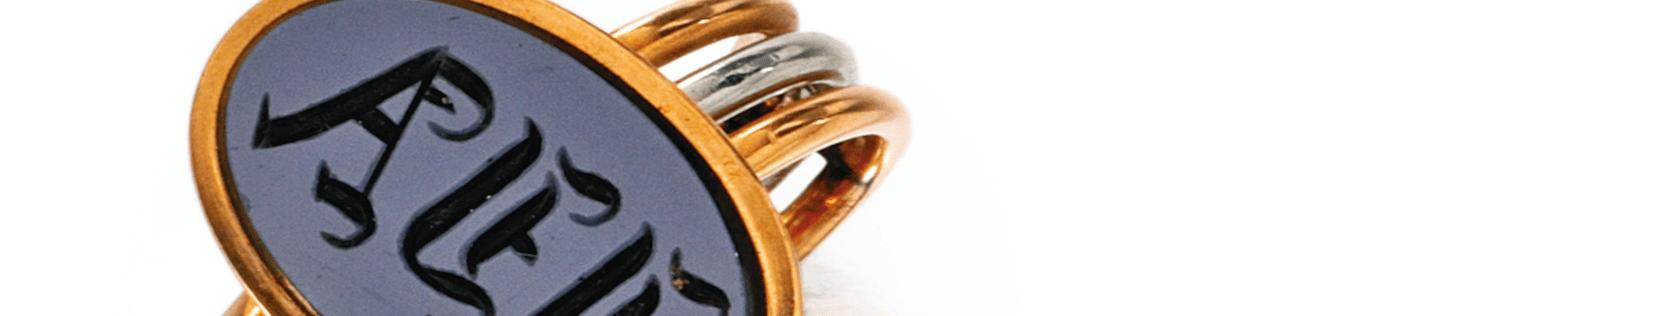 антикварный перстень